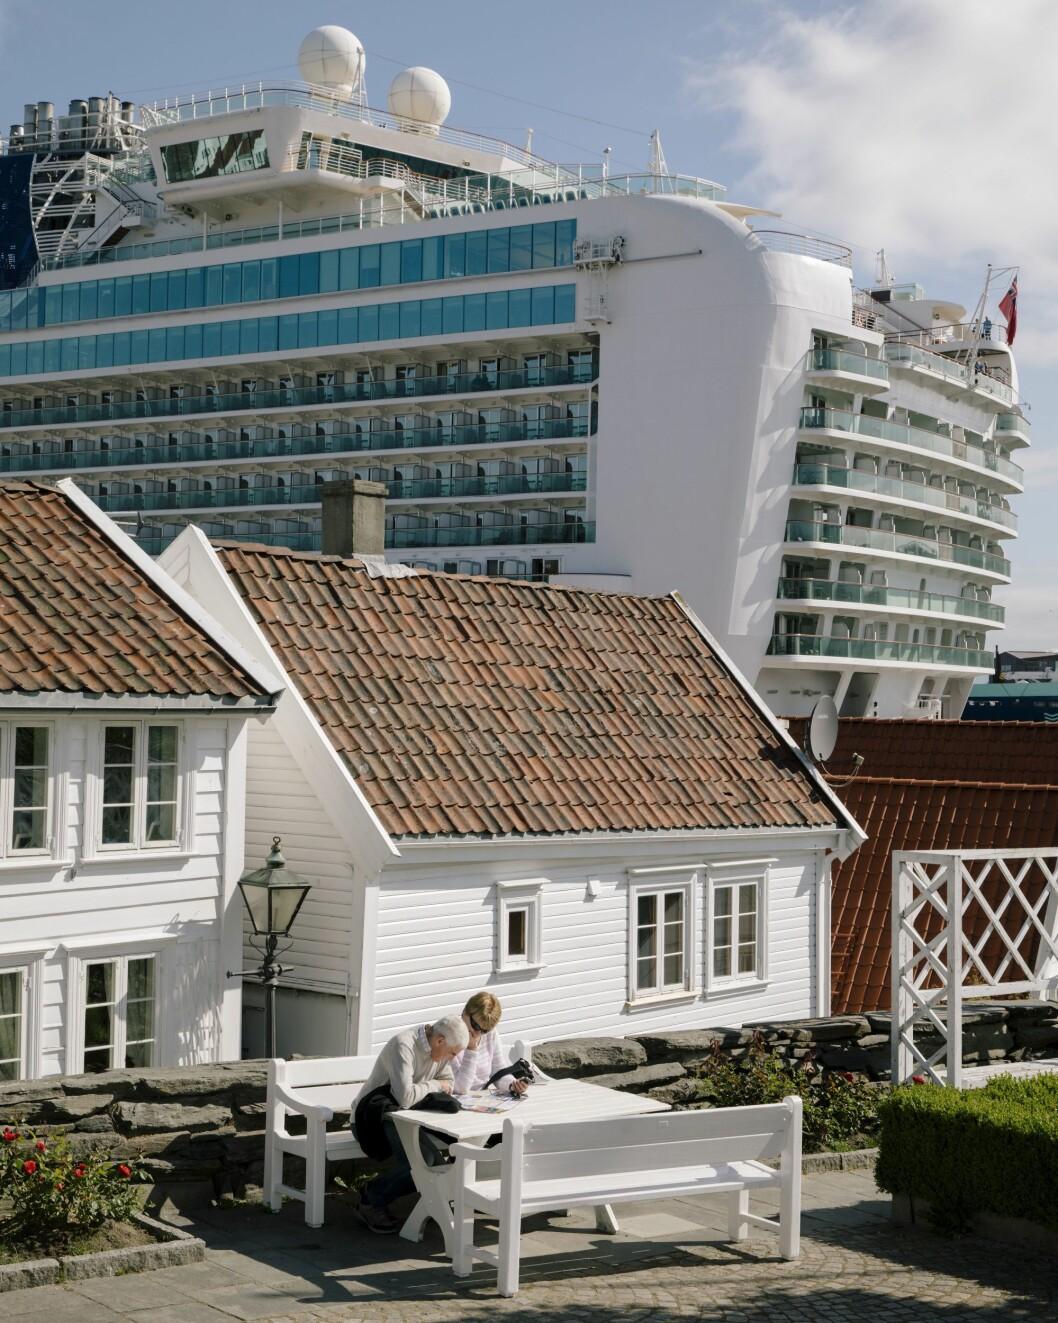 10717 03. Dagligliv i Norge 04.06.2018 Cruiseturisme økningen i antall turister som kommer til Norge, spesielt med cruiseskip, har satt flere populære turistmål under press, som her i Stavanger hvor cruiseskipet Azura har lagt til kai like ved gamlebyen. Tatt på oppdrag for Aftenposten.